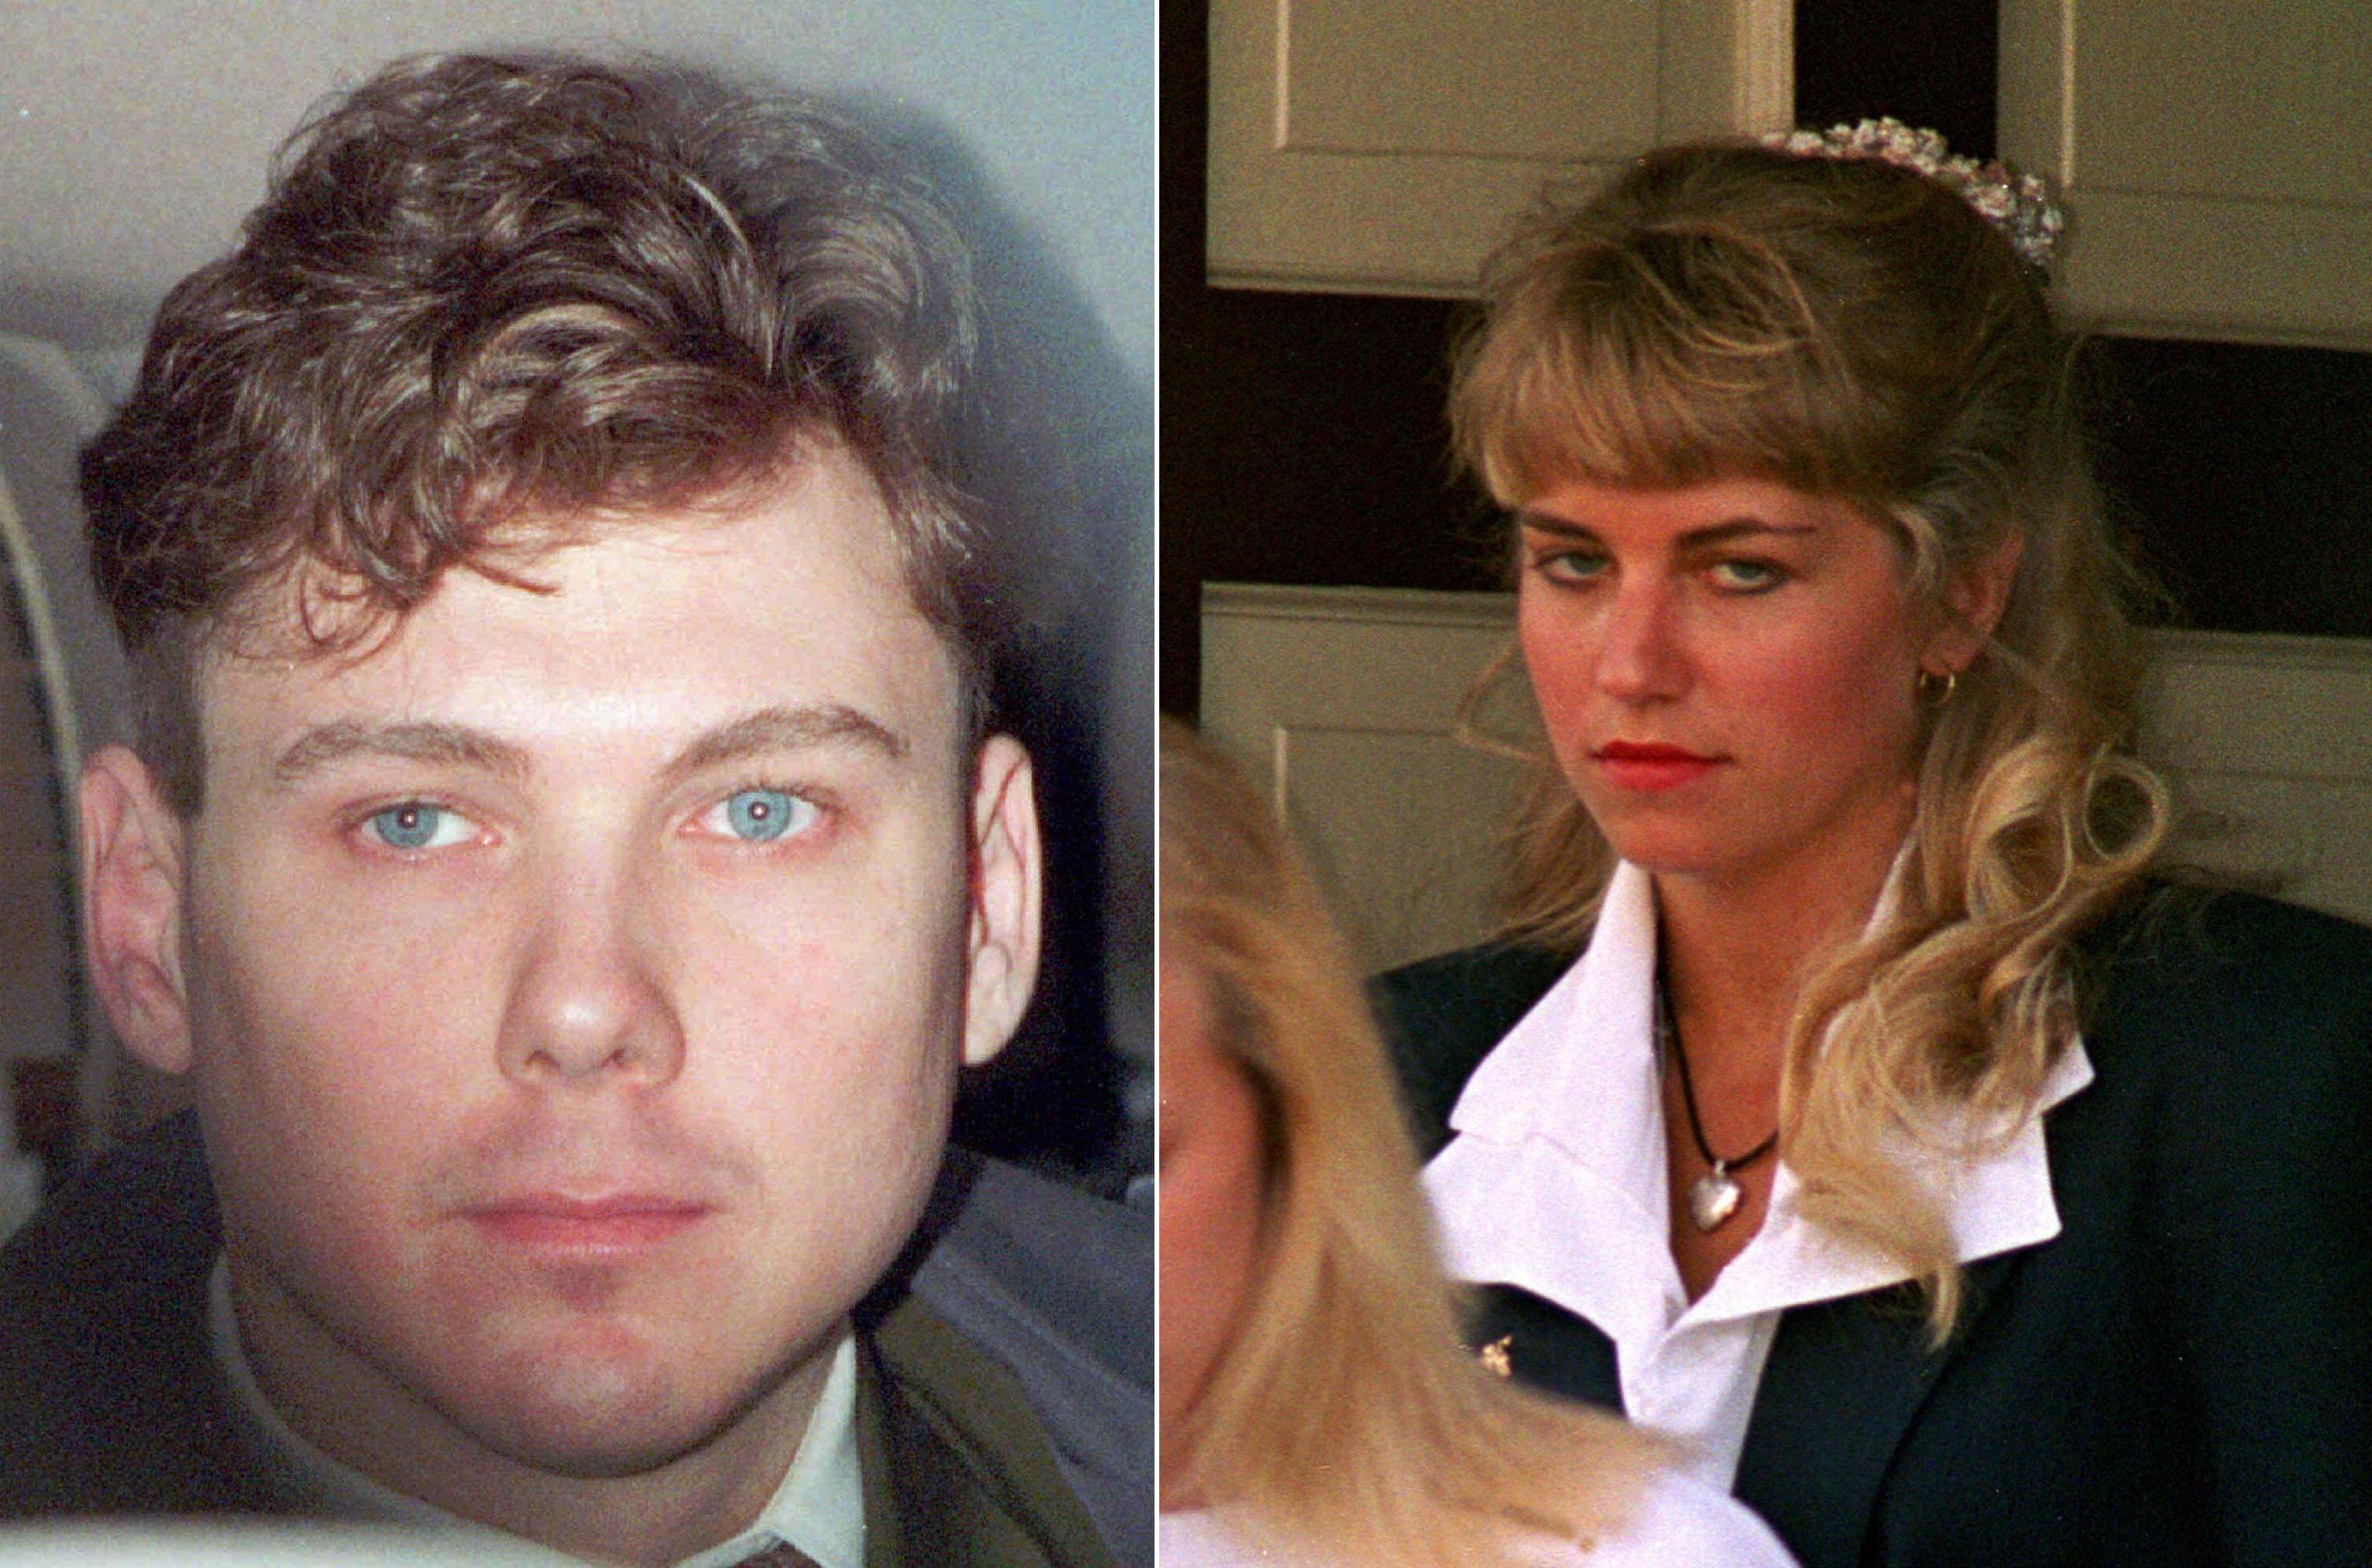 SERIEMORDERE: Paul Bernardo voldttok og drepte unge kvinner. Hans blivende kone Karla Homolka heiet ham fram.